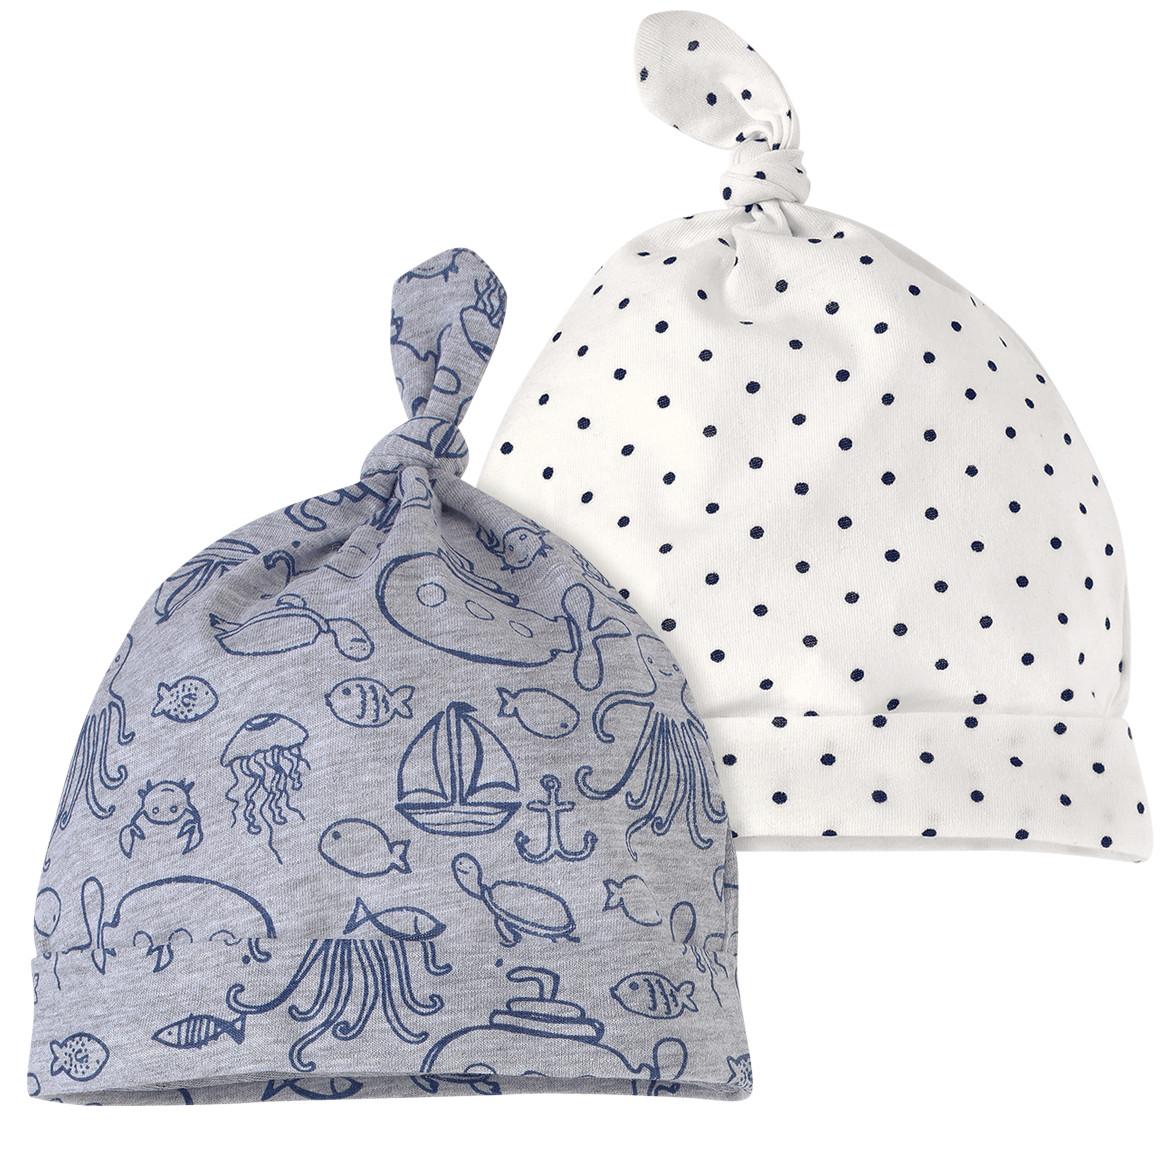 2 Baby Zipfelmützen in verschiedenen Designs